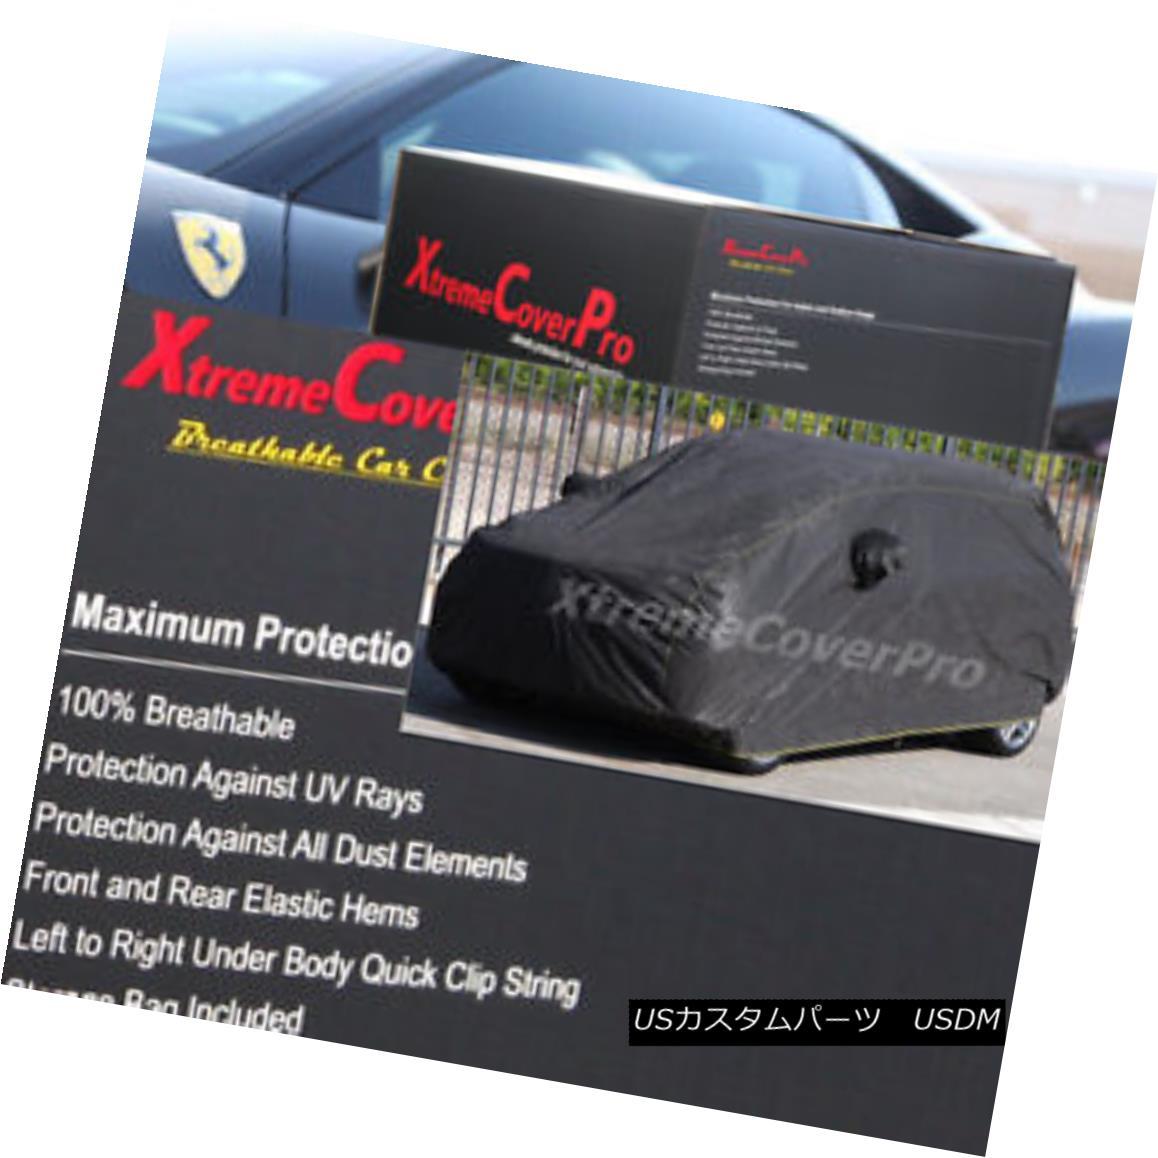 カーカバー 2003 2004 Jeep Grand Cherokee Breathable Car Cover w/MirrorPocket 2003年2004ジープグランドチェロキー通気性の車カバー(MirrorPocket付き)